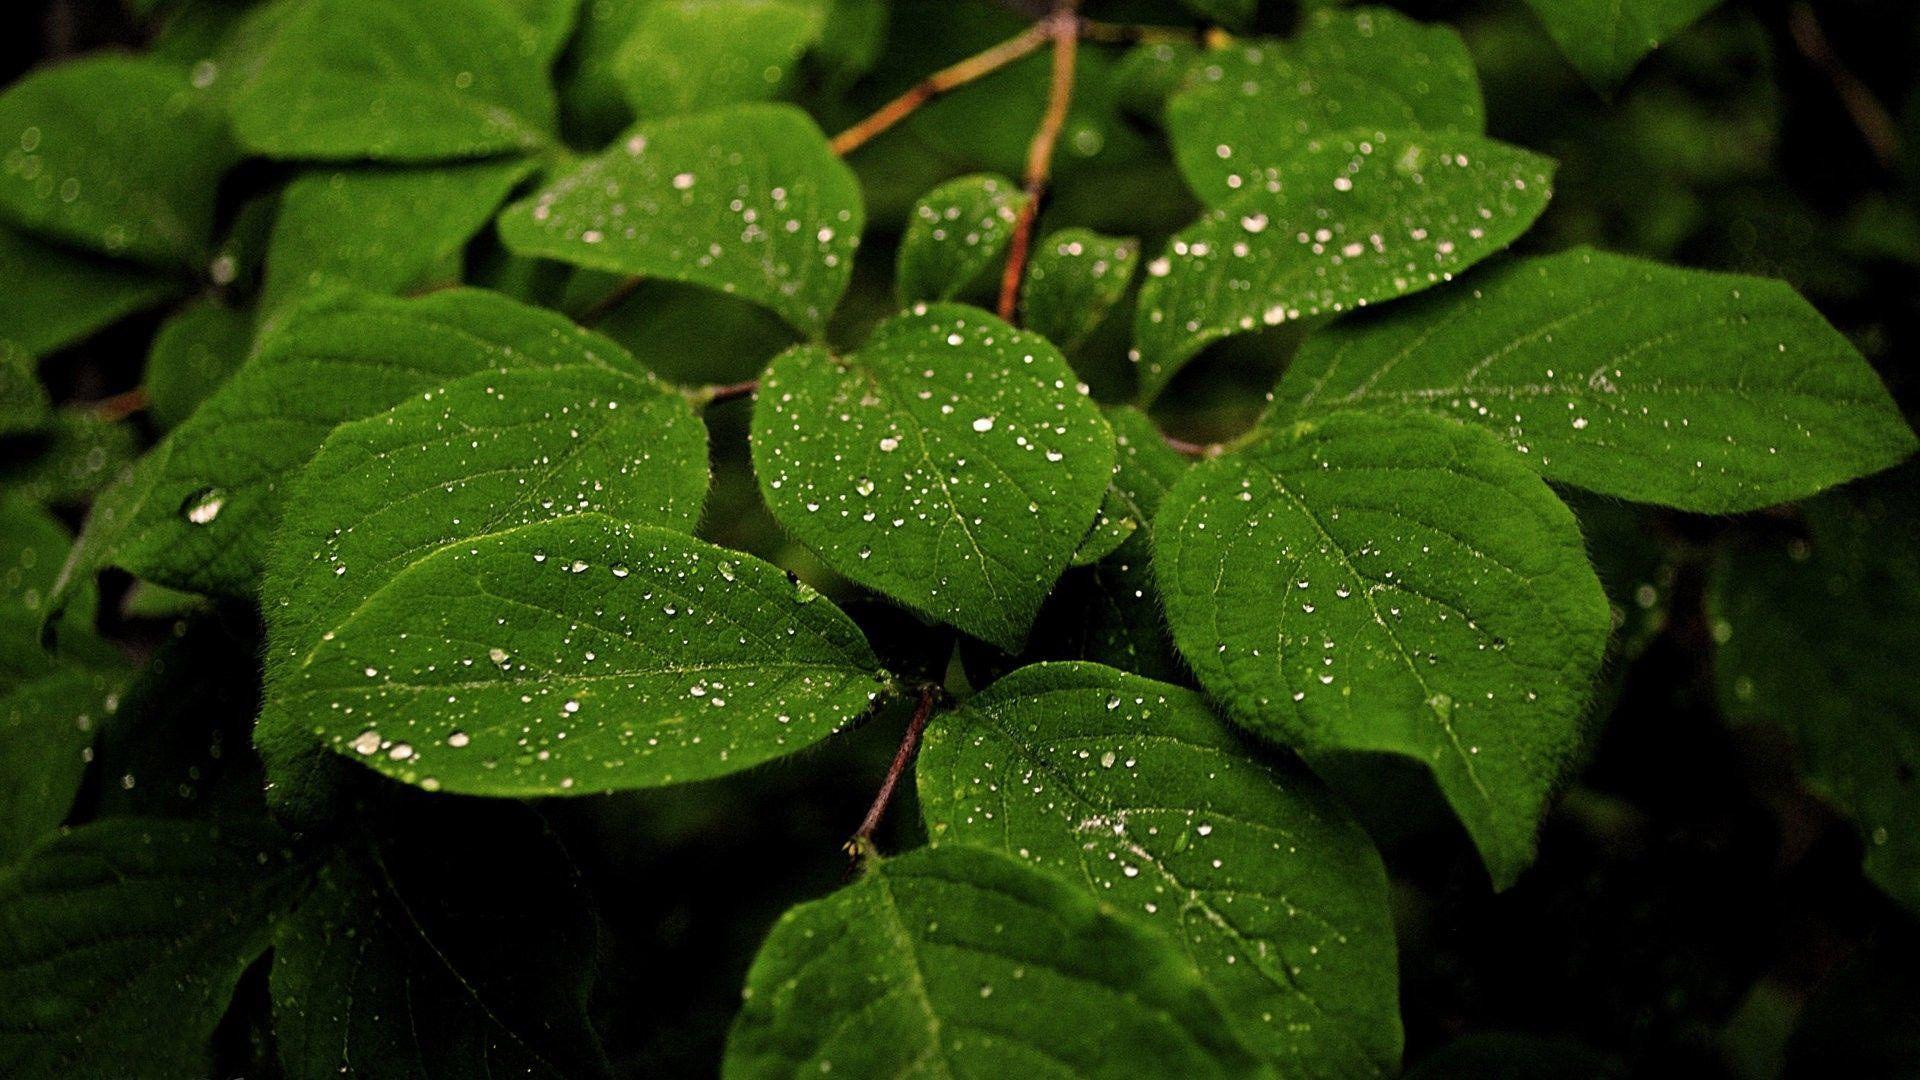 Raindrop Wallpapers Live Raindrop Wallpapers Yz Raindrop 1920 1200 Raindrop Wallpapers 34 Wallpap With Images Rain Wallpapers Green Leaf Wallpaper Leaf Nature